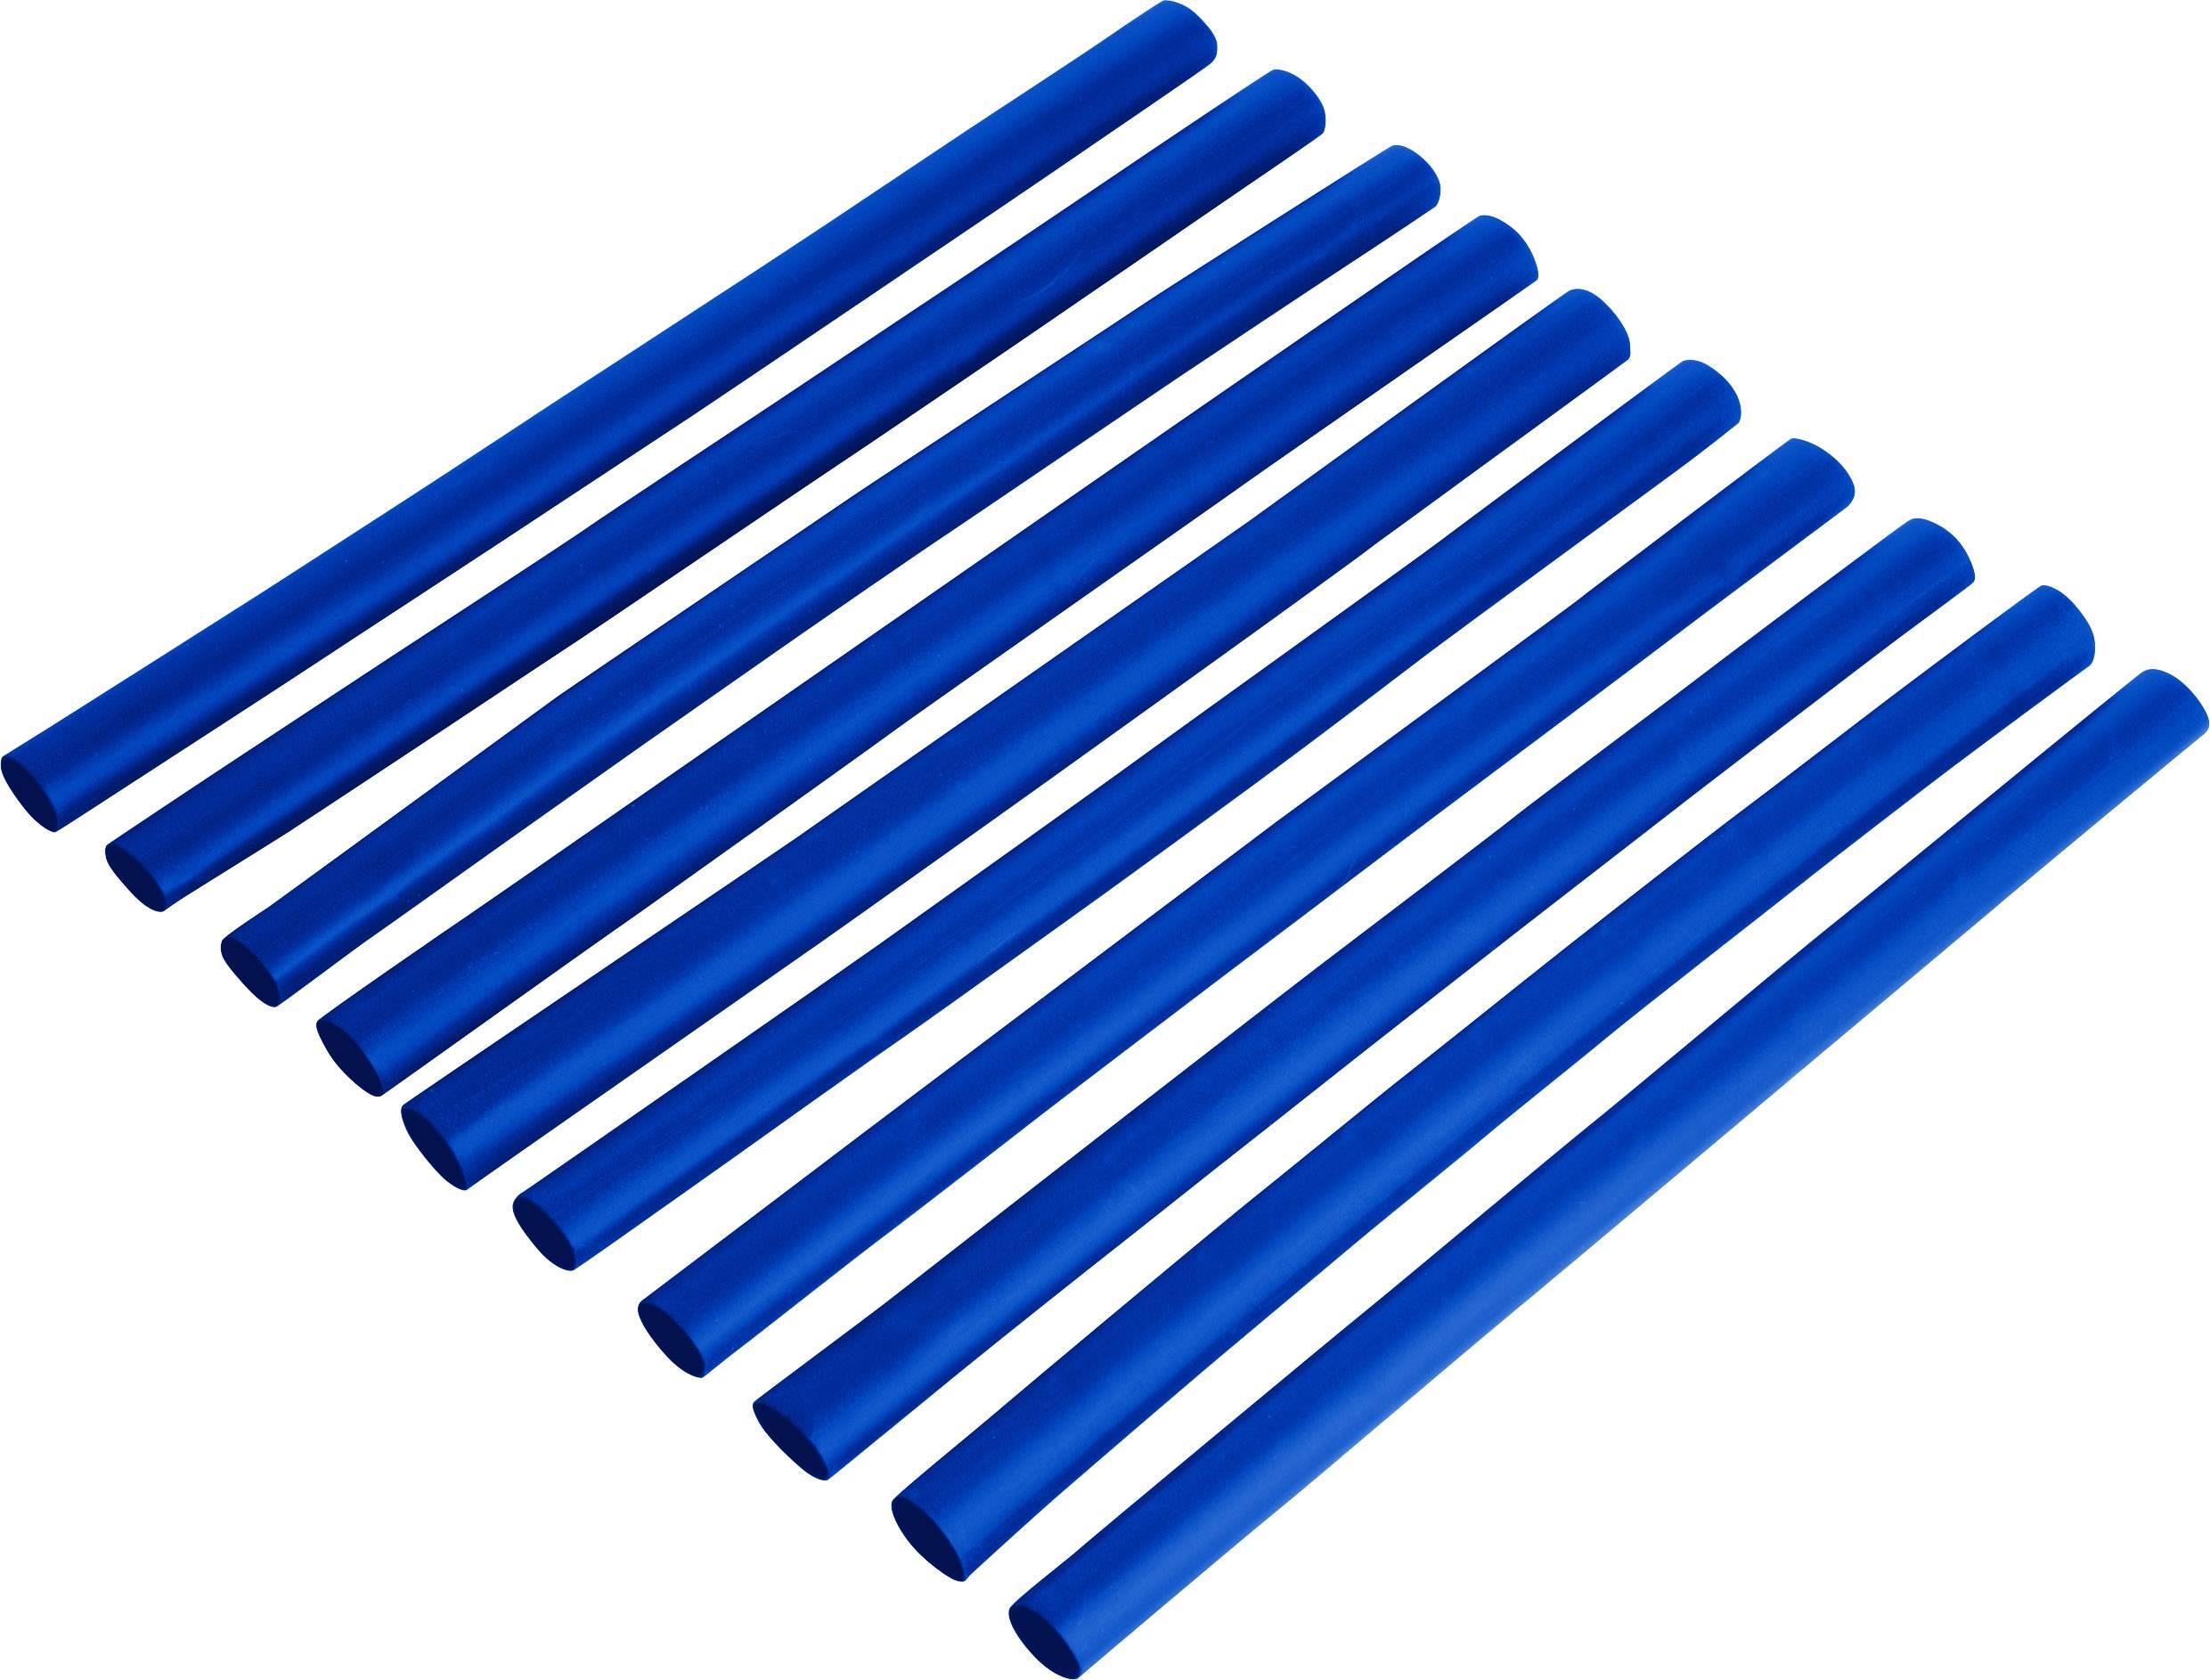 Sada zmršťovacých bužírok DSG Canusa 2810190502CO, 2:1, 9.50 mm /19 mm, modrá, 1 sada